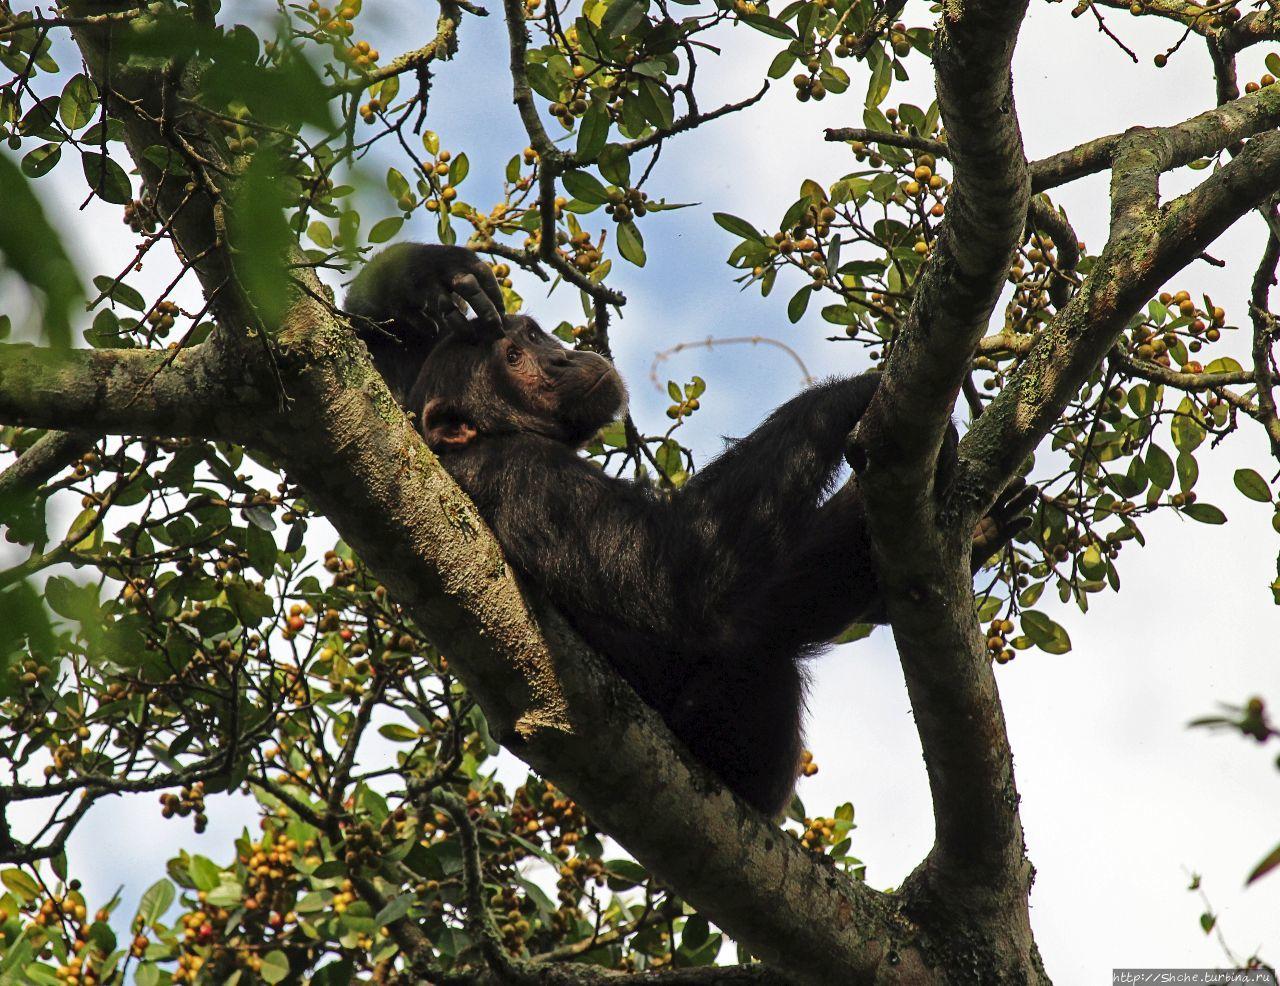 Трудно снимать черных шимпанзе в черном лесу, особенно утром